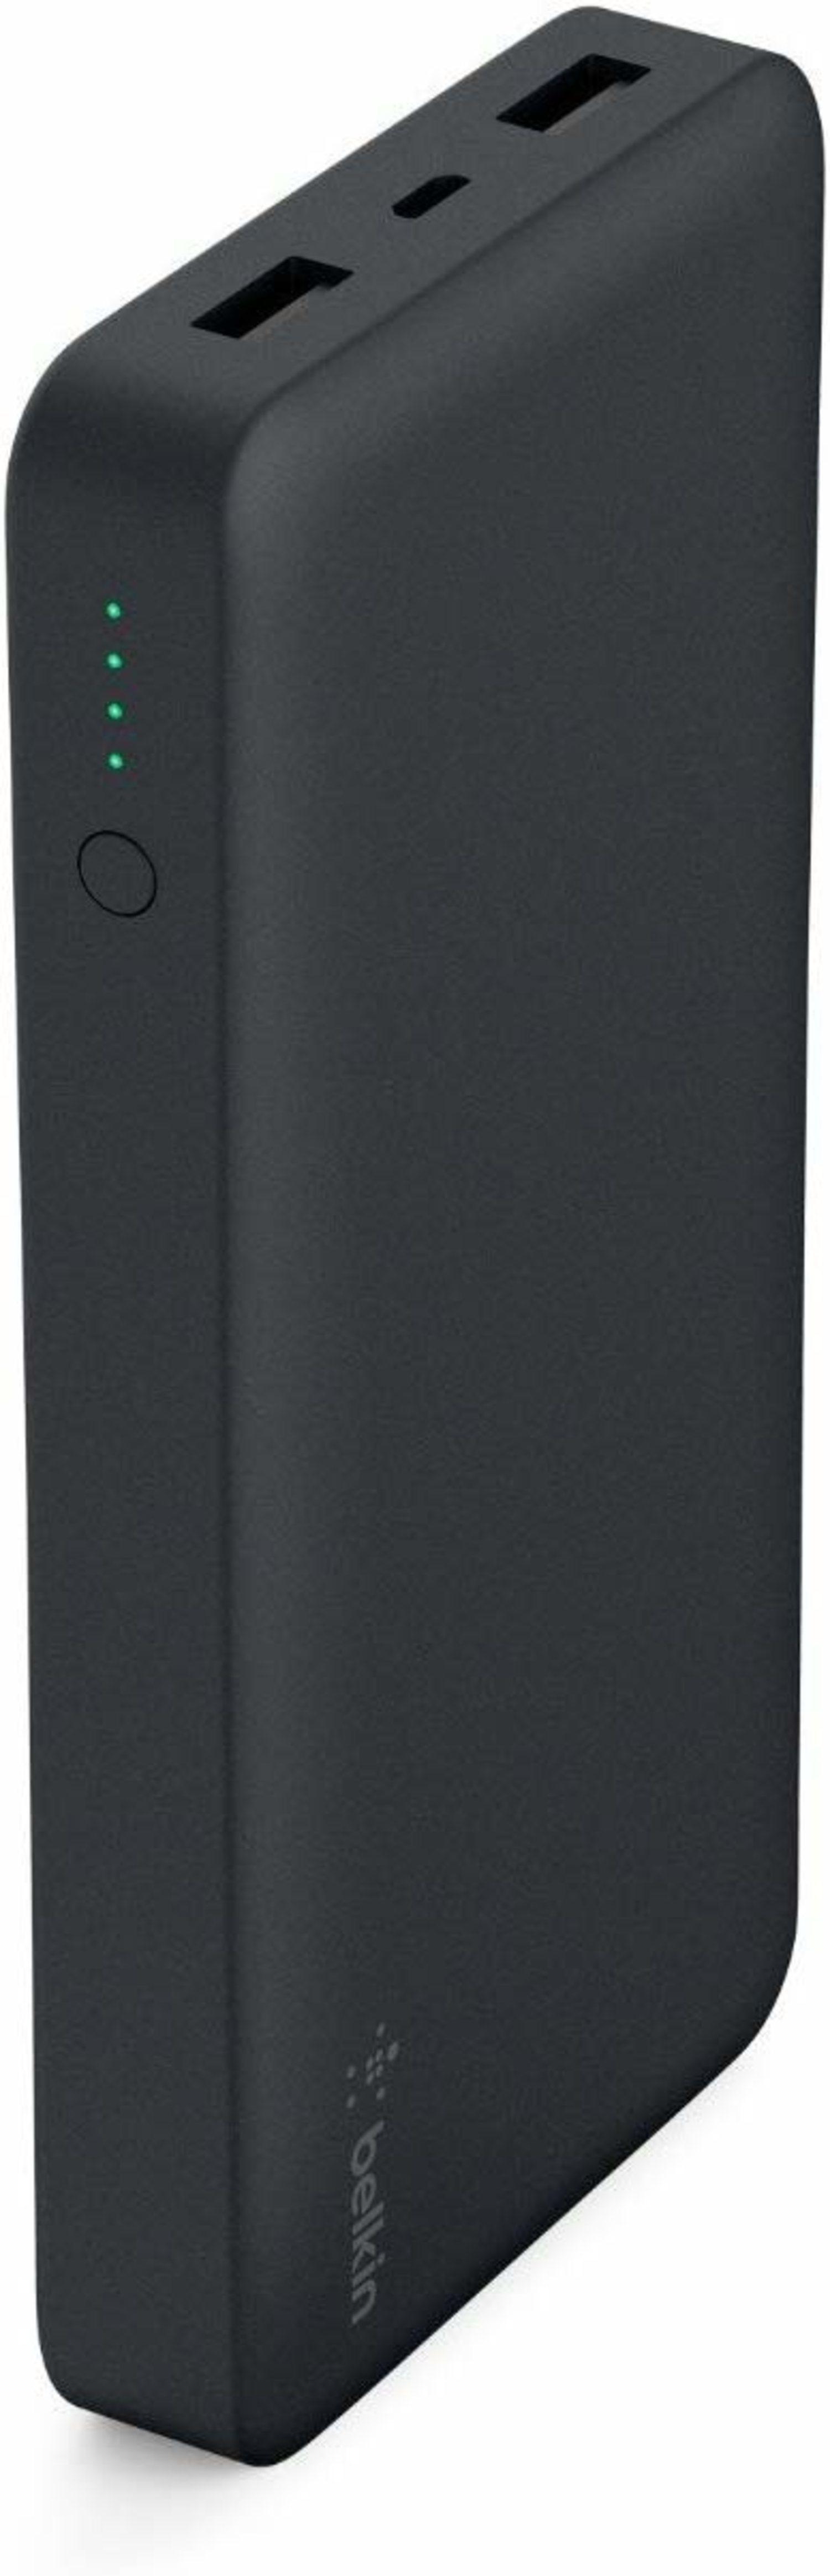 Powerbank Belkin Pocket, con doble puerto USB para conectar dos móviles al mismo tiempo.